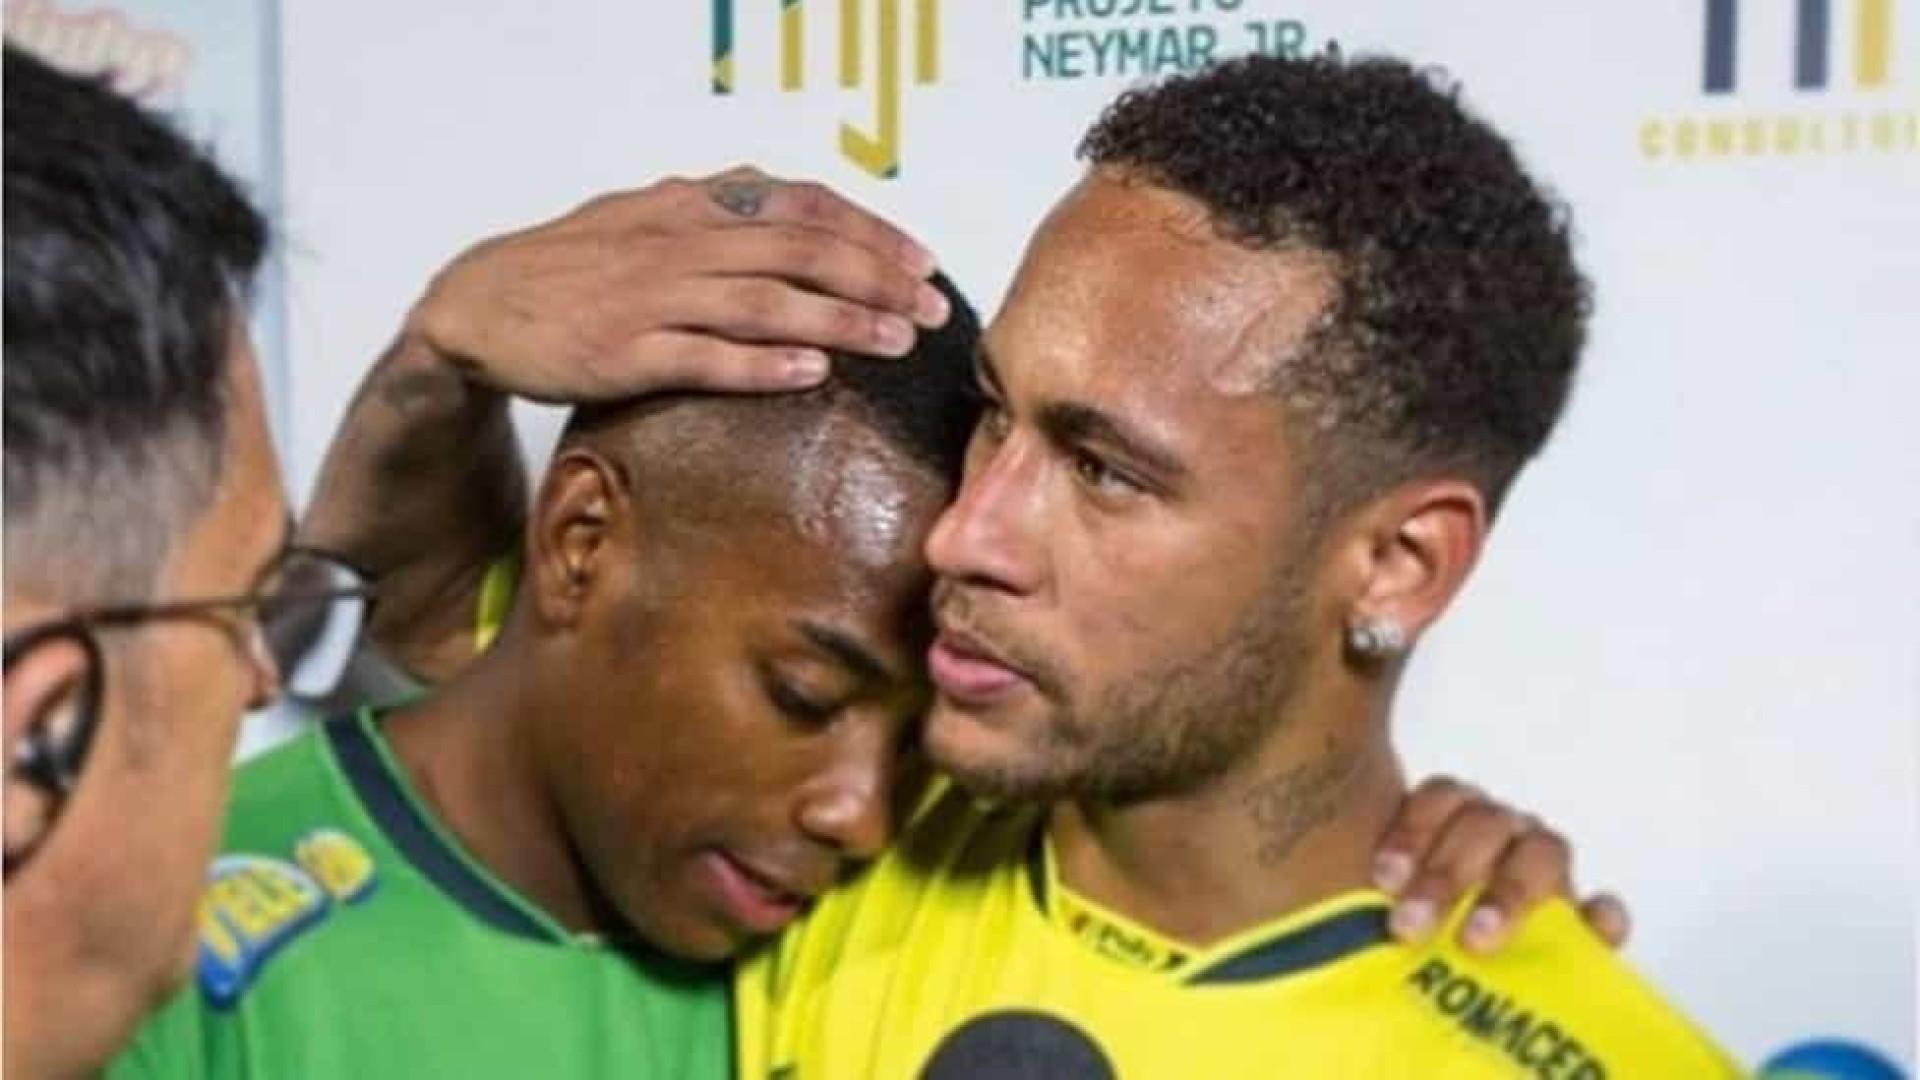 Robinho se compara a Bolsonaro e revela ter recebido apoio de Neymar